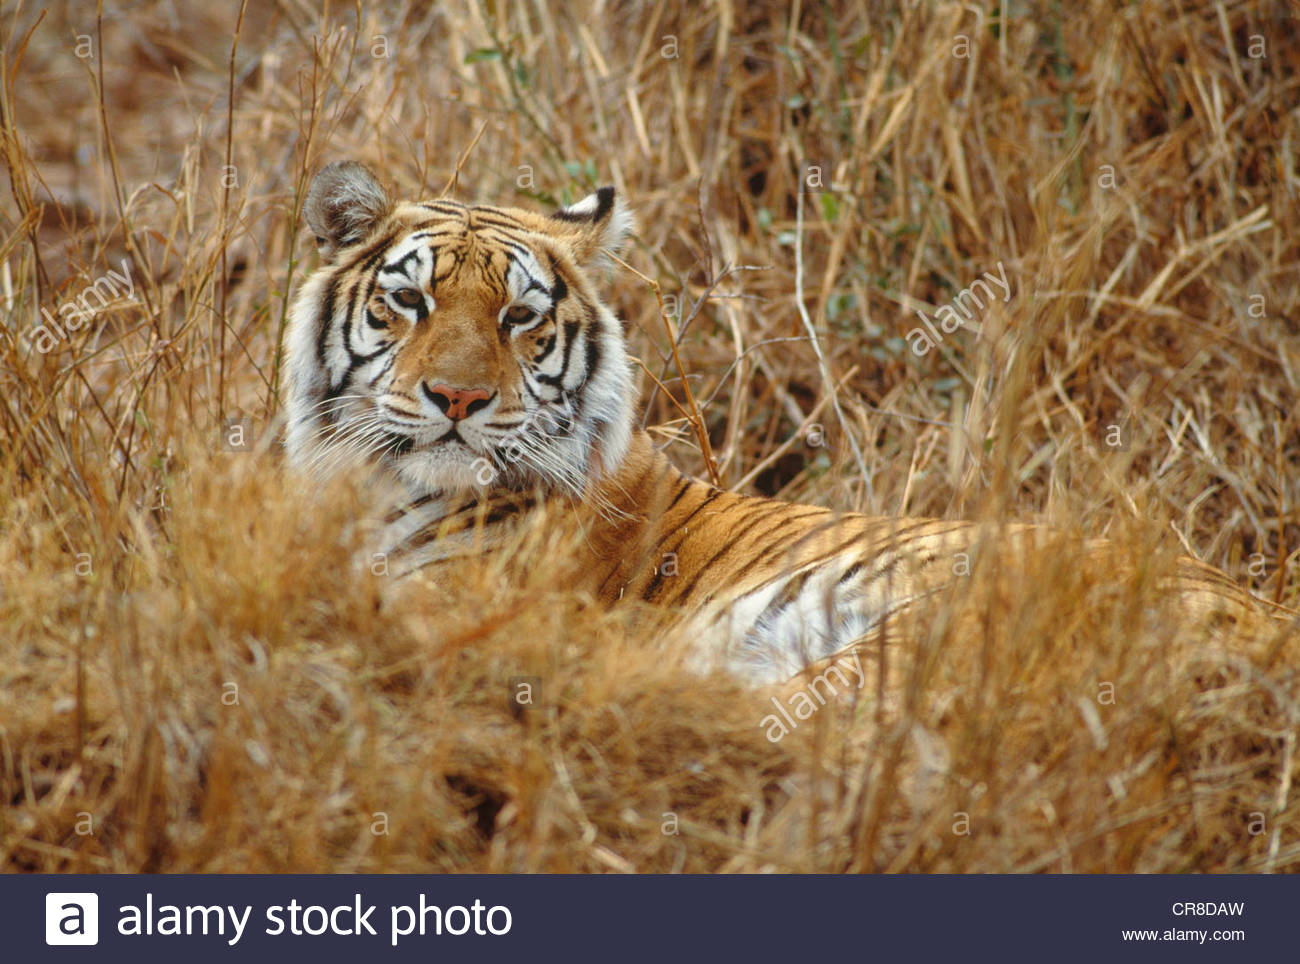 Tigre del Bengala in appoggio su alti erba secca, India Immagini Stock